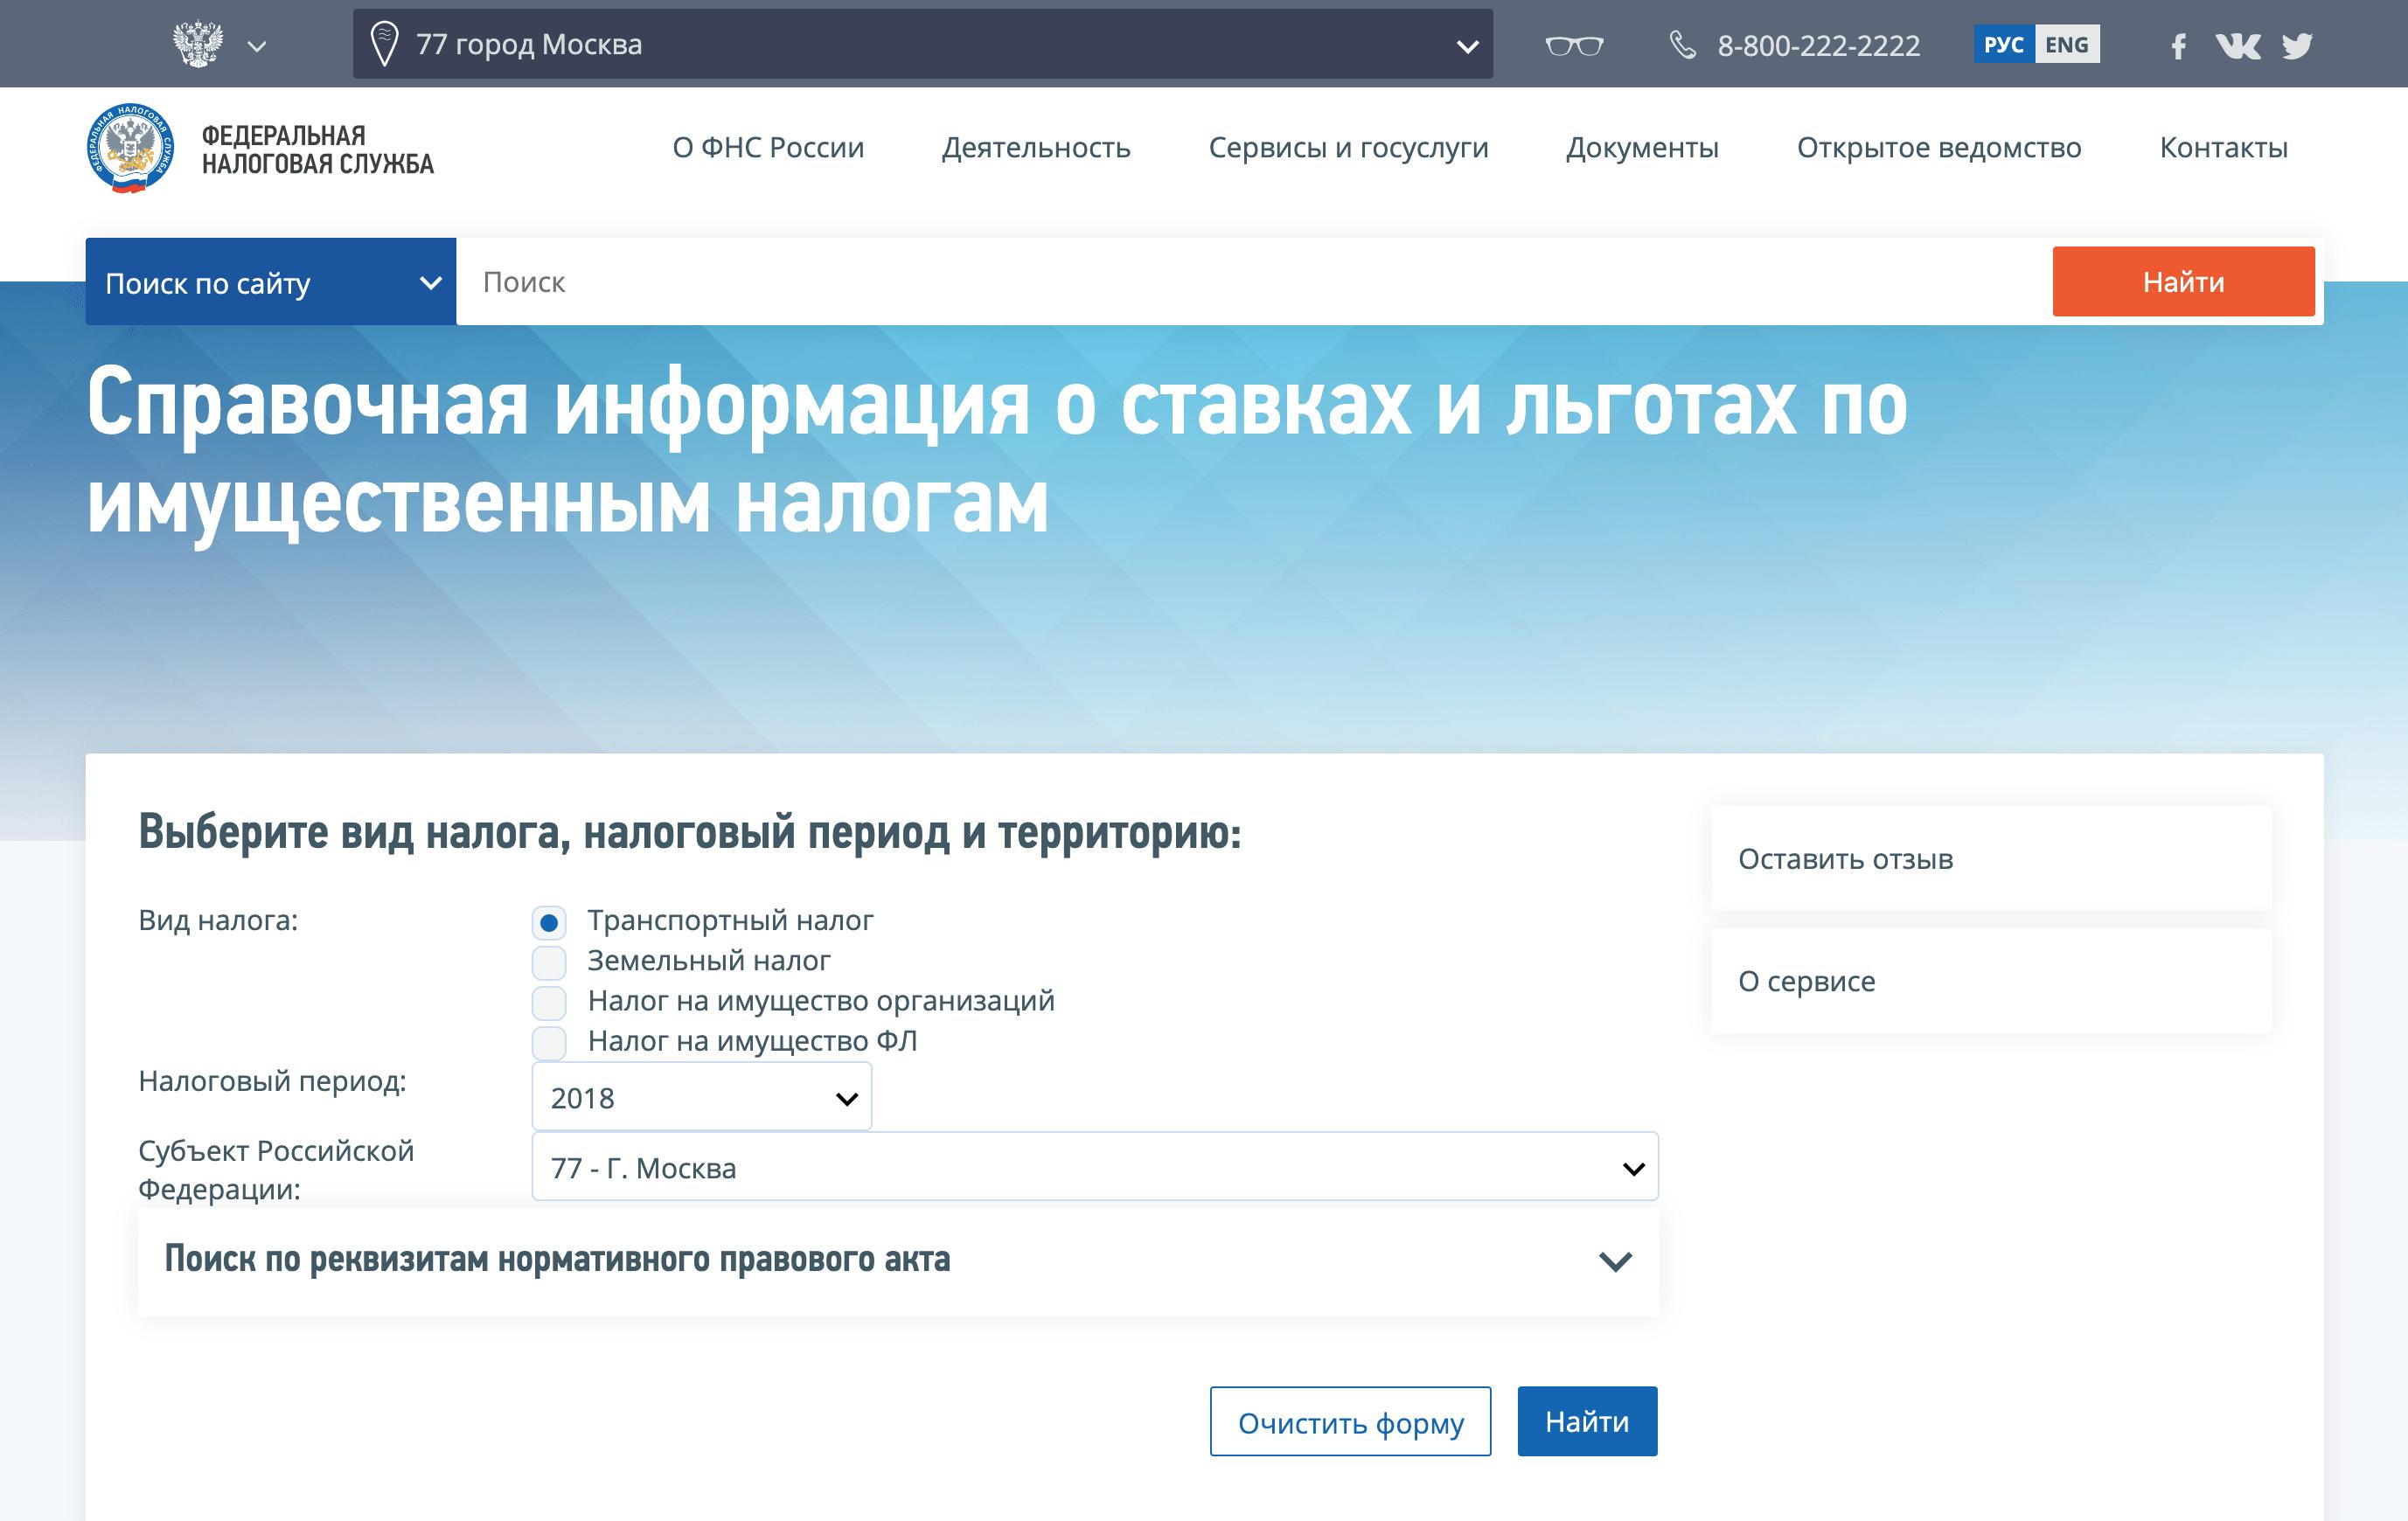 На сайте ФНС есть удобный справочник. Например, можно быстро узнать ставки по транспортному налогу в Москве